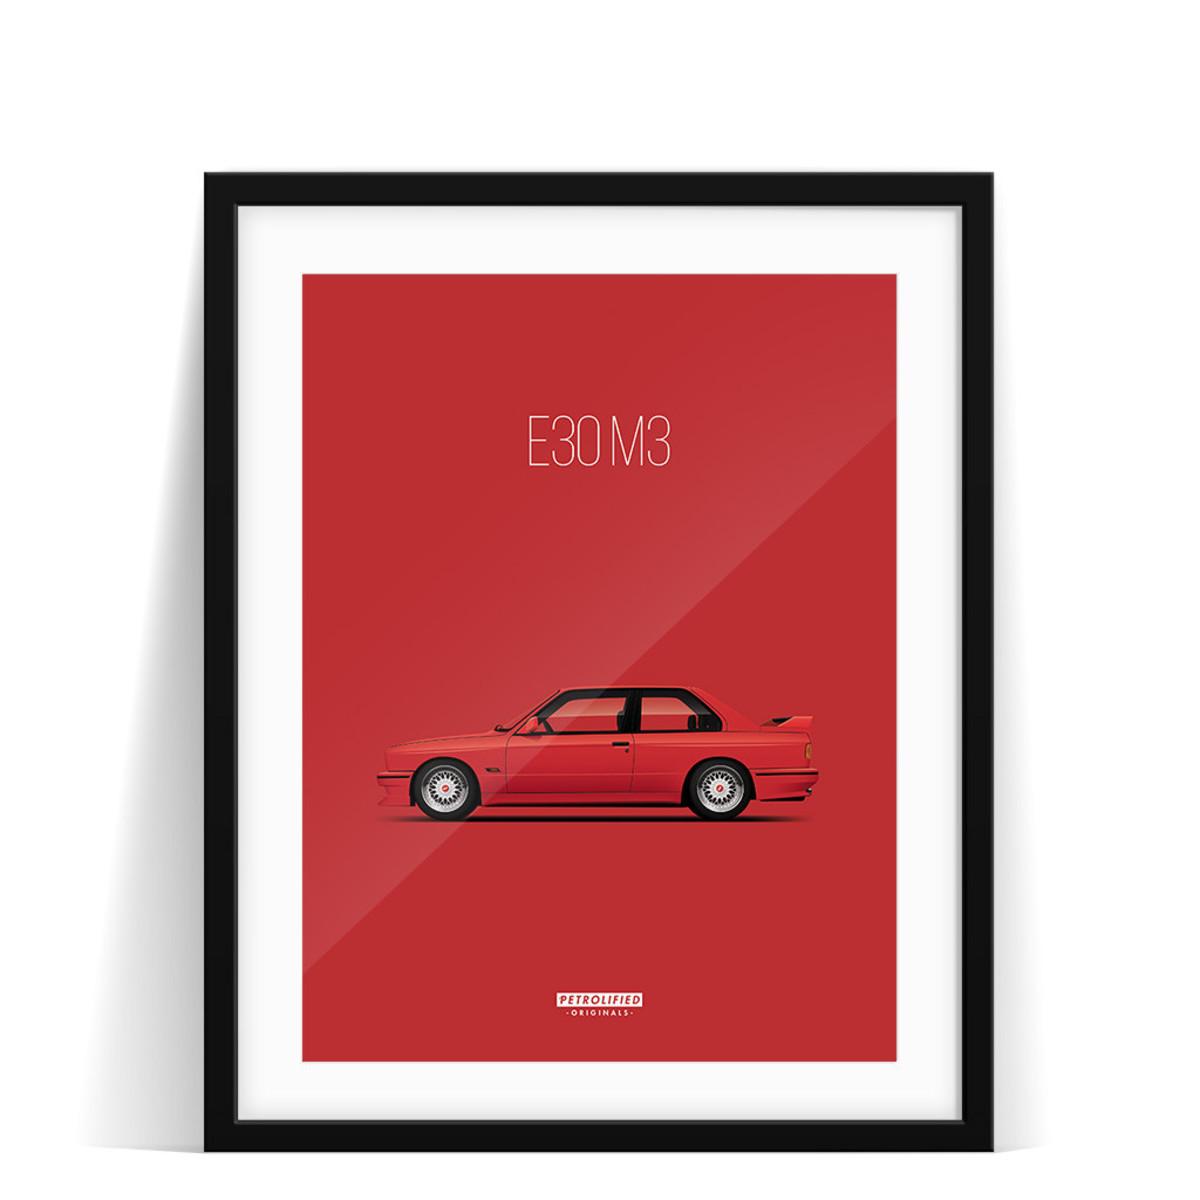 BMW-E30-M3-Originals-1024-thumb_2048x2048